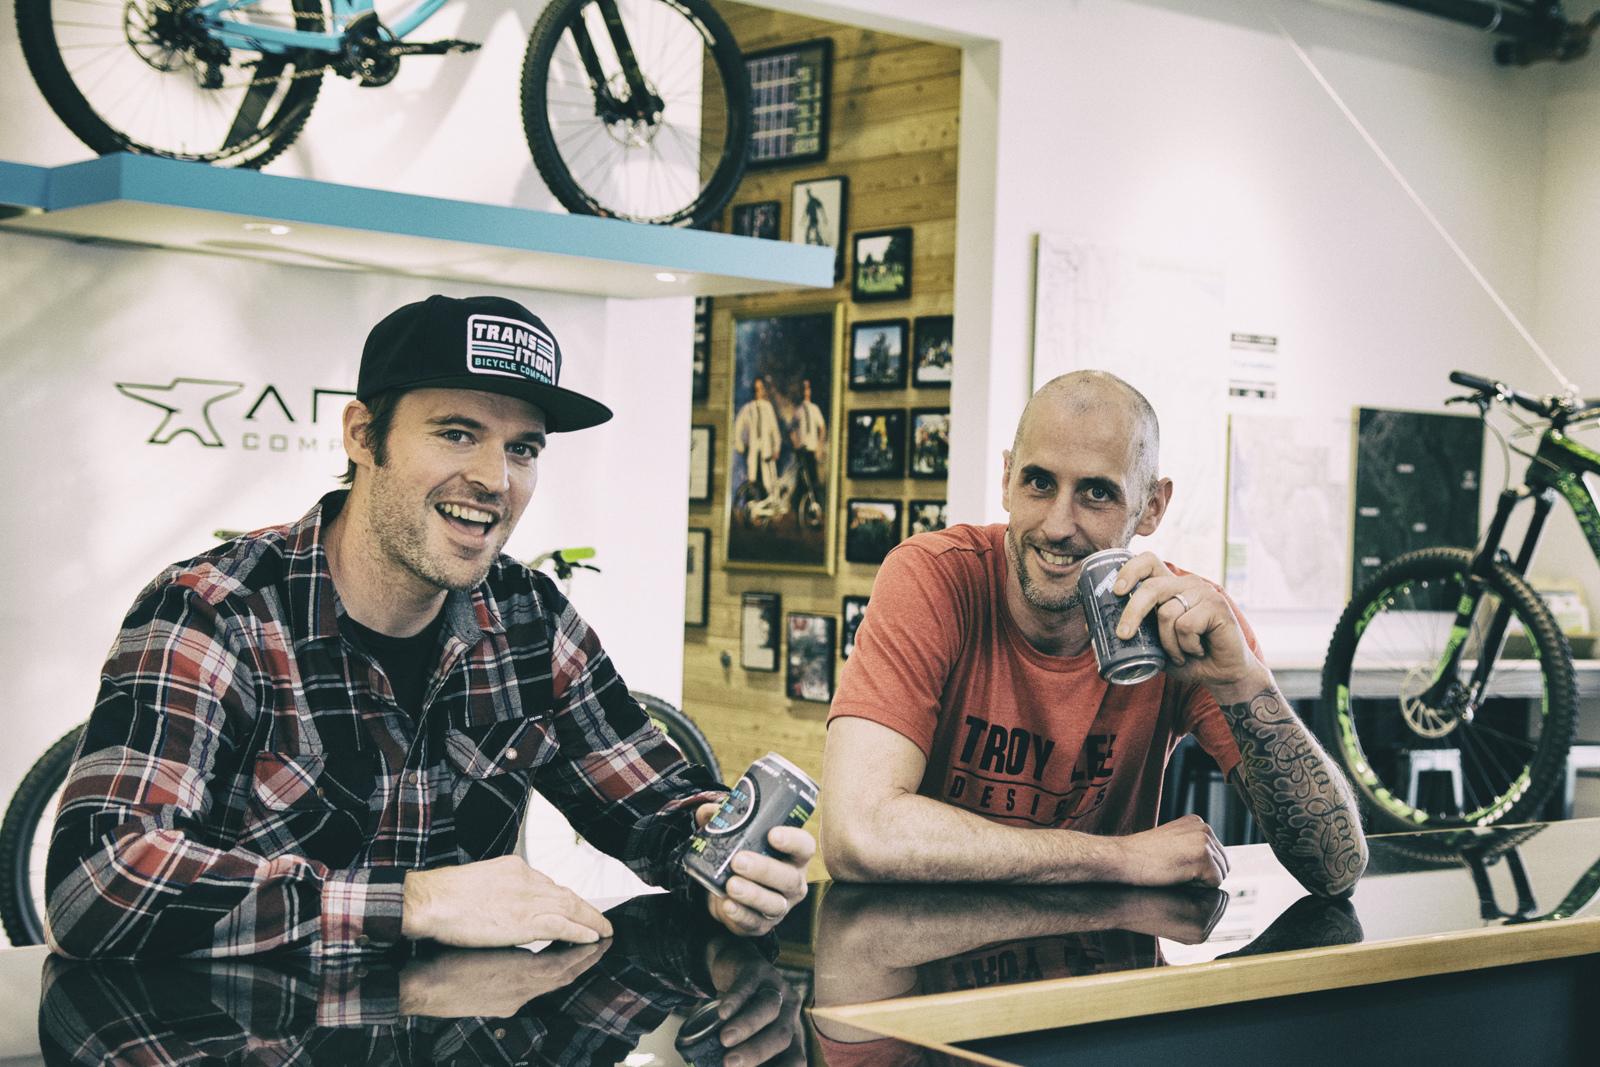 Блог компании ChillenGrillen: История компании Transition Bikes